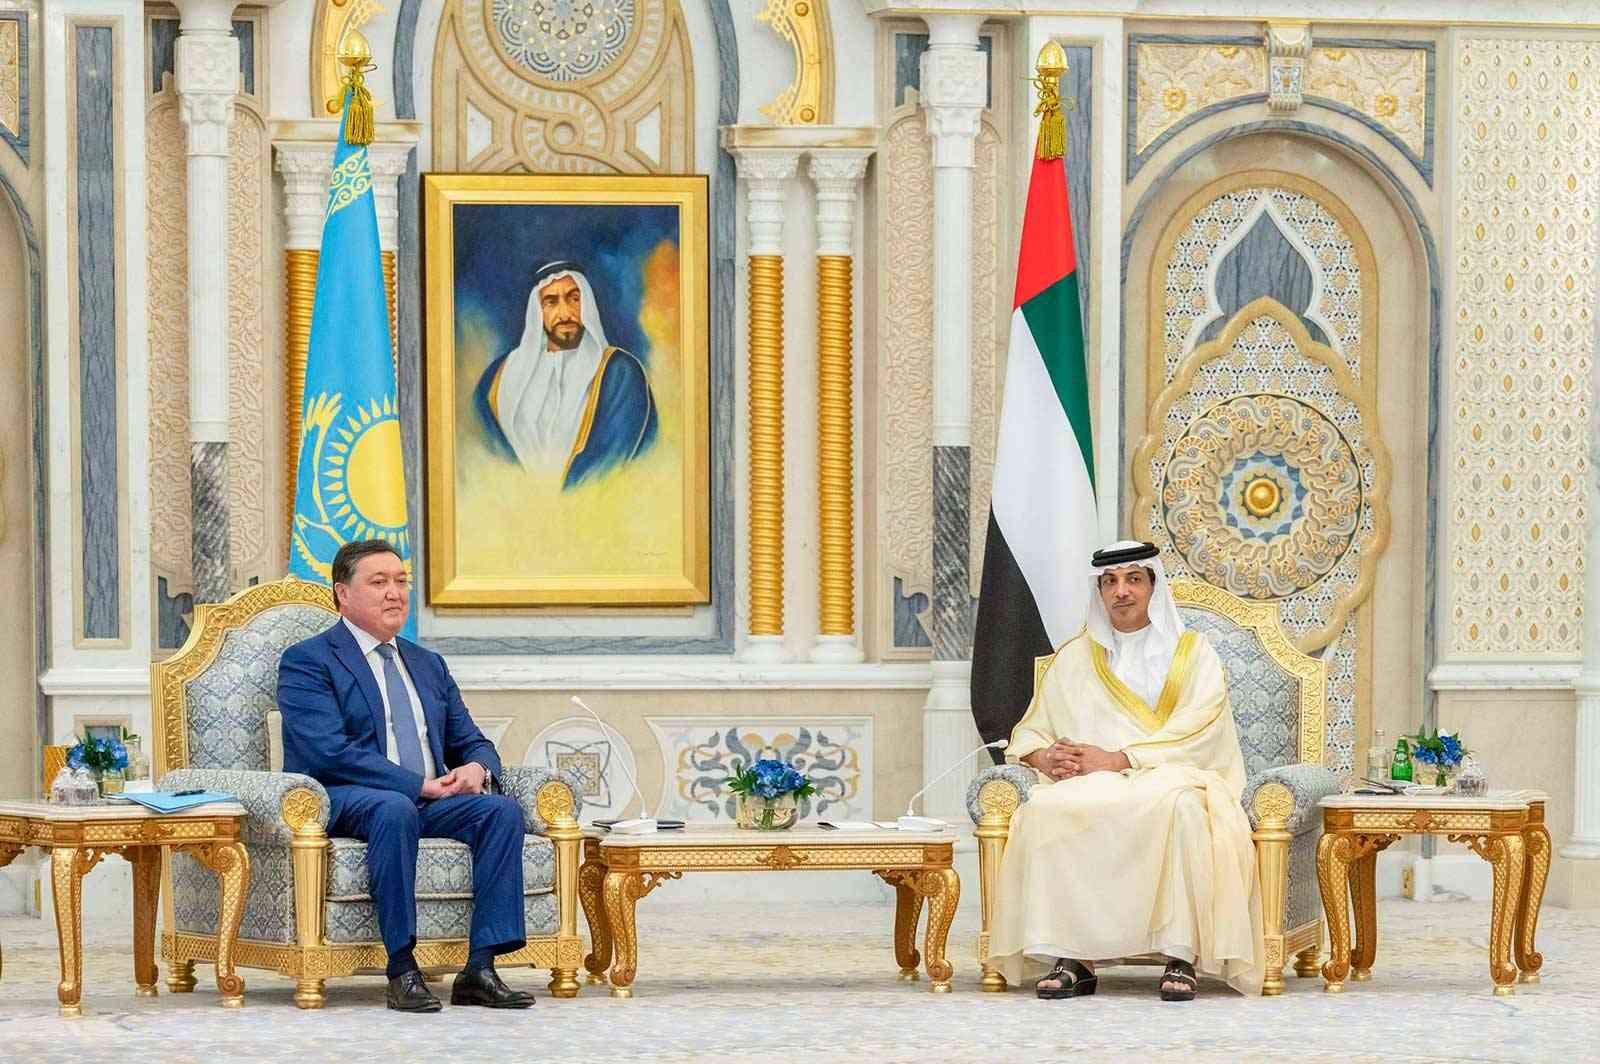 منصور بن زايد يستقبل رئيس وزراء كازاخستان ويشهدان توقيع شراكة لتطوير المشاريع بين البلدين